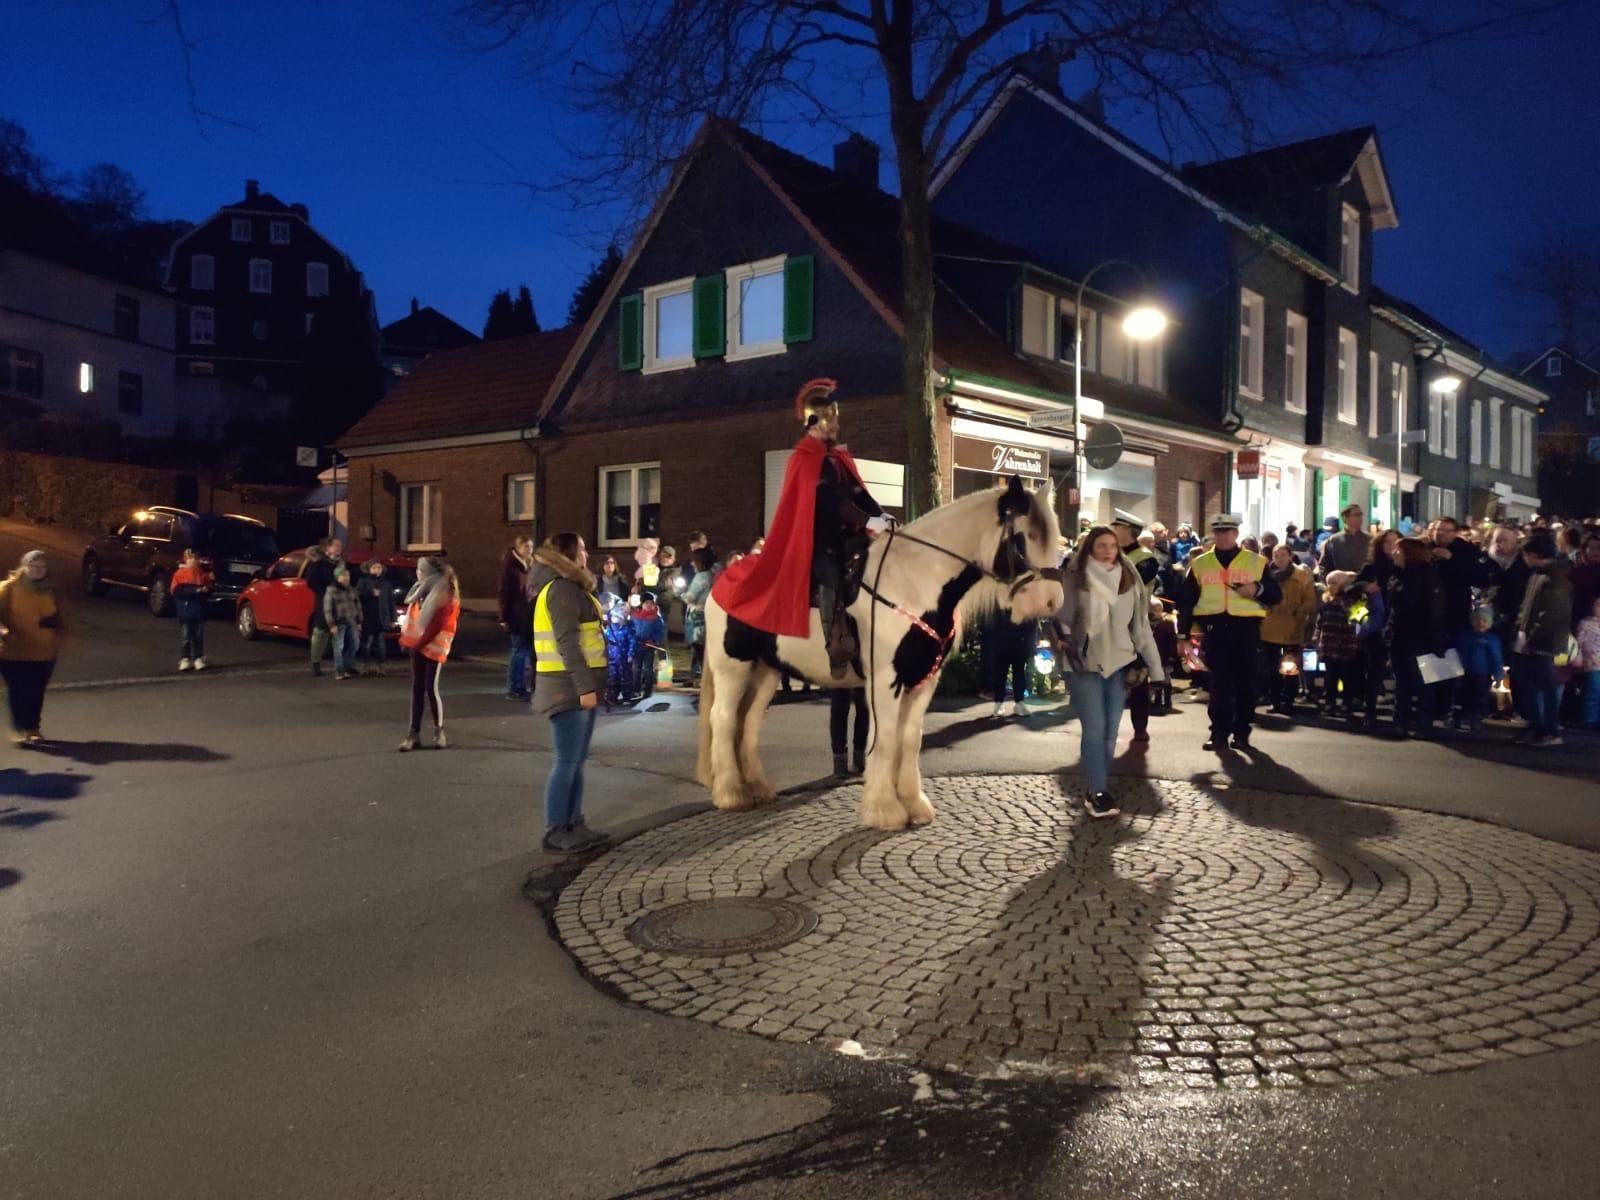 An der Kreuzung vor dem Flair-Weltladen vereinigen sich die drei Züge der Grundschulen und werden von Sankt Martin zum Feuerplatz geführt. Foto: Nicole Dahmen